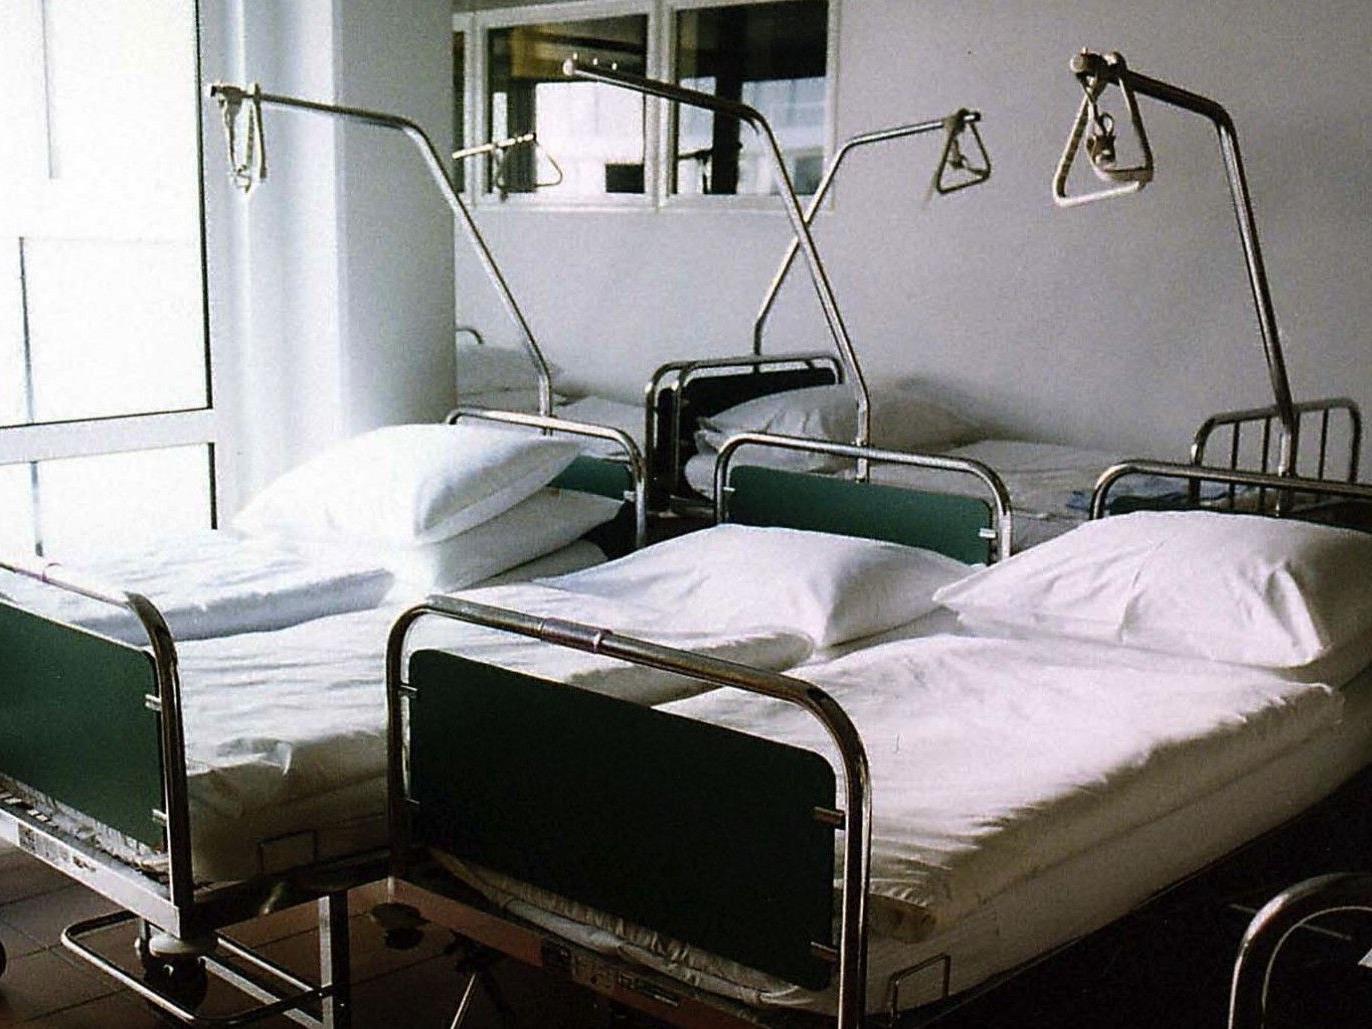 Ein Patient randalierte im Krankenhaus Rudolfsstiftung und verletzte eine Polizistin.